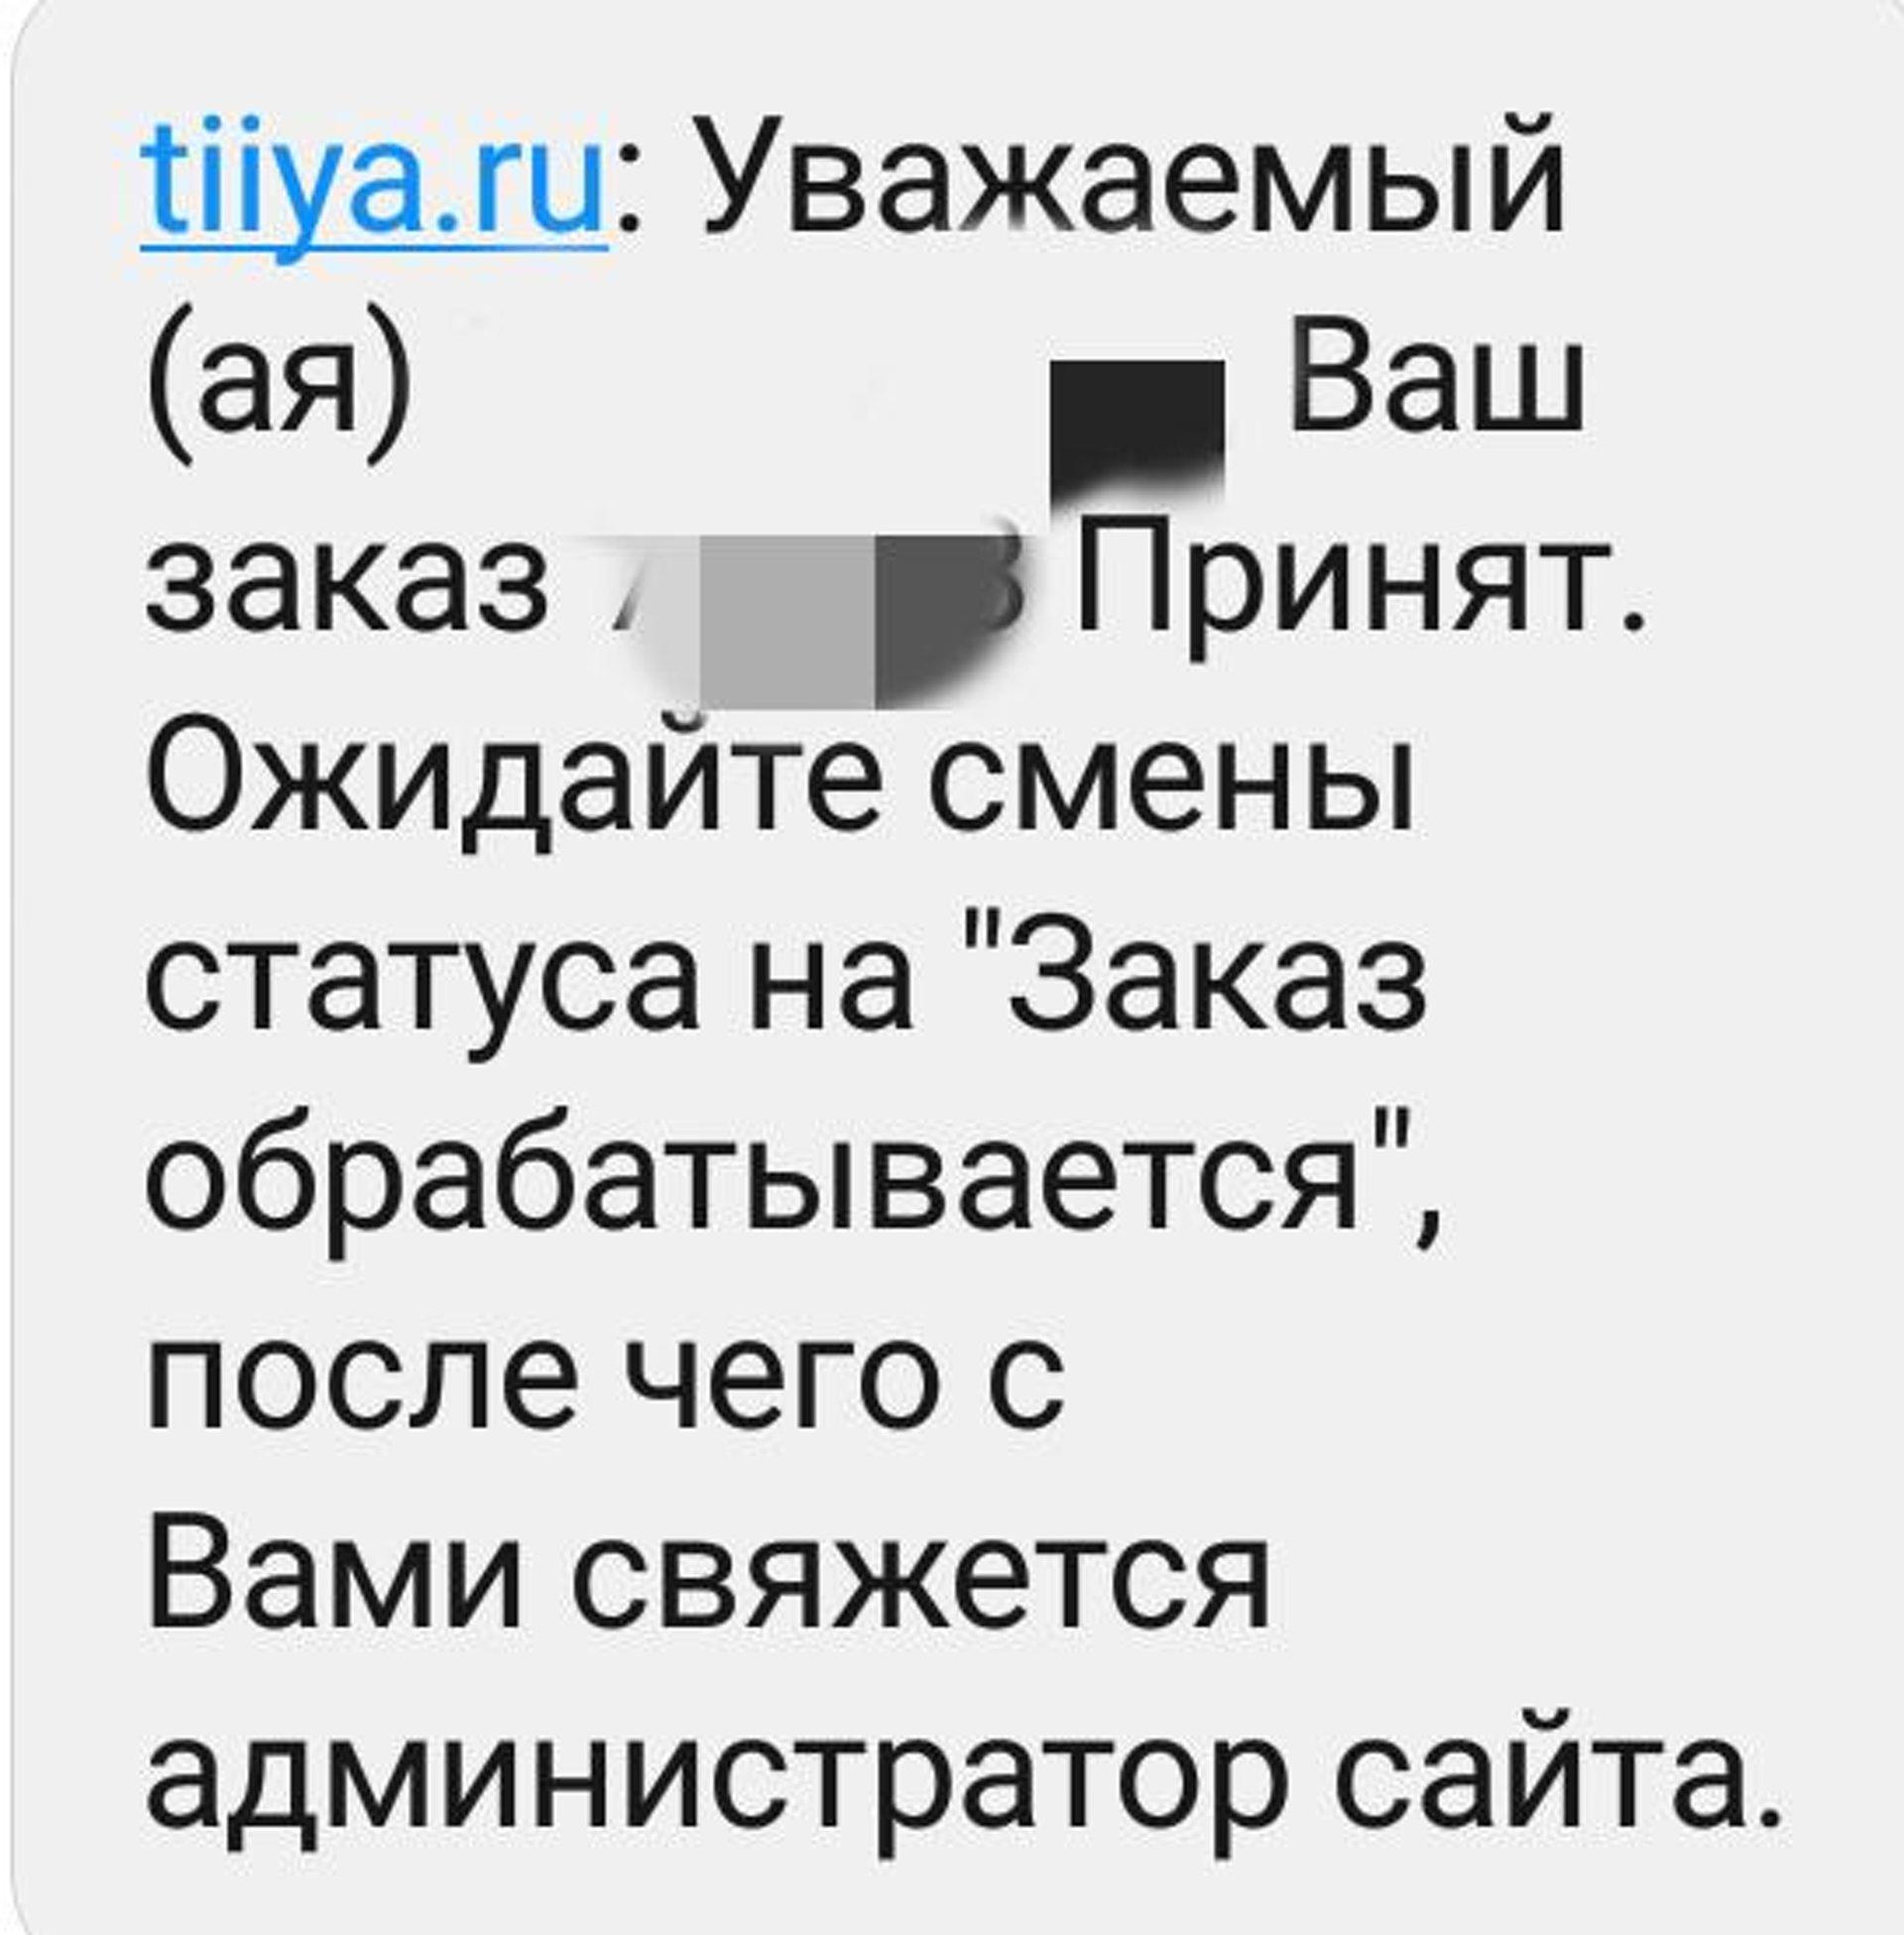 имя порнуха видео зрелые русское потрясающая, поддерживаю. Сайтец